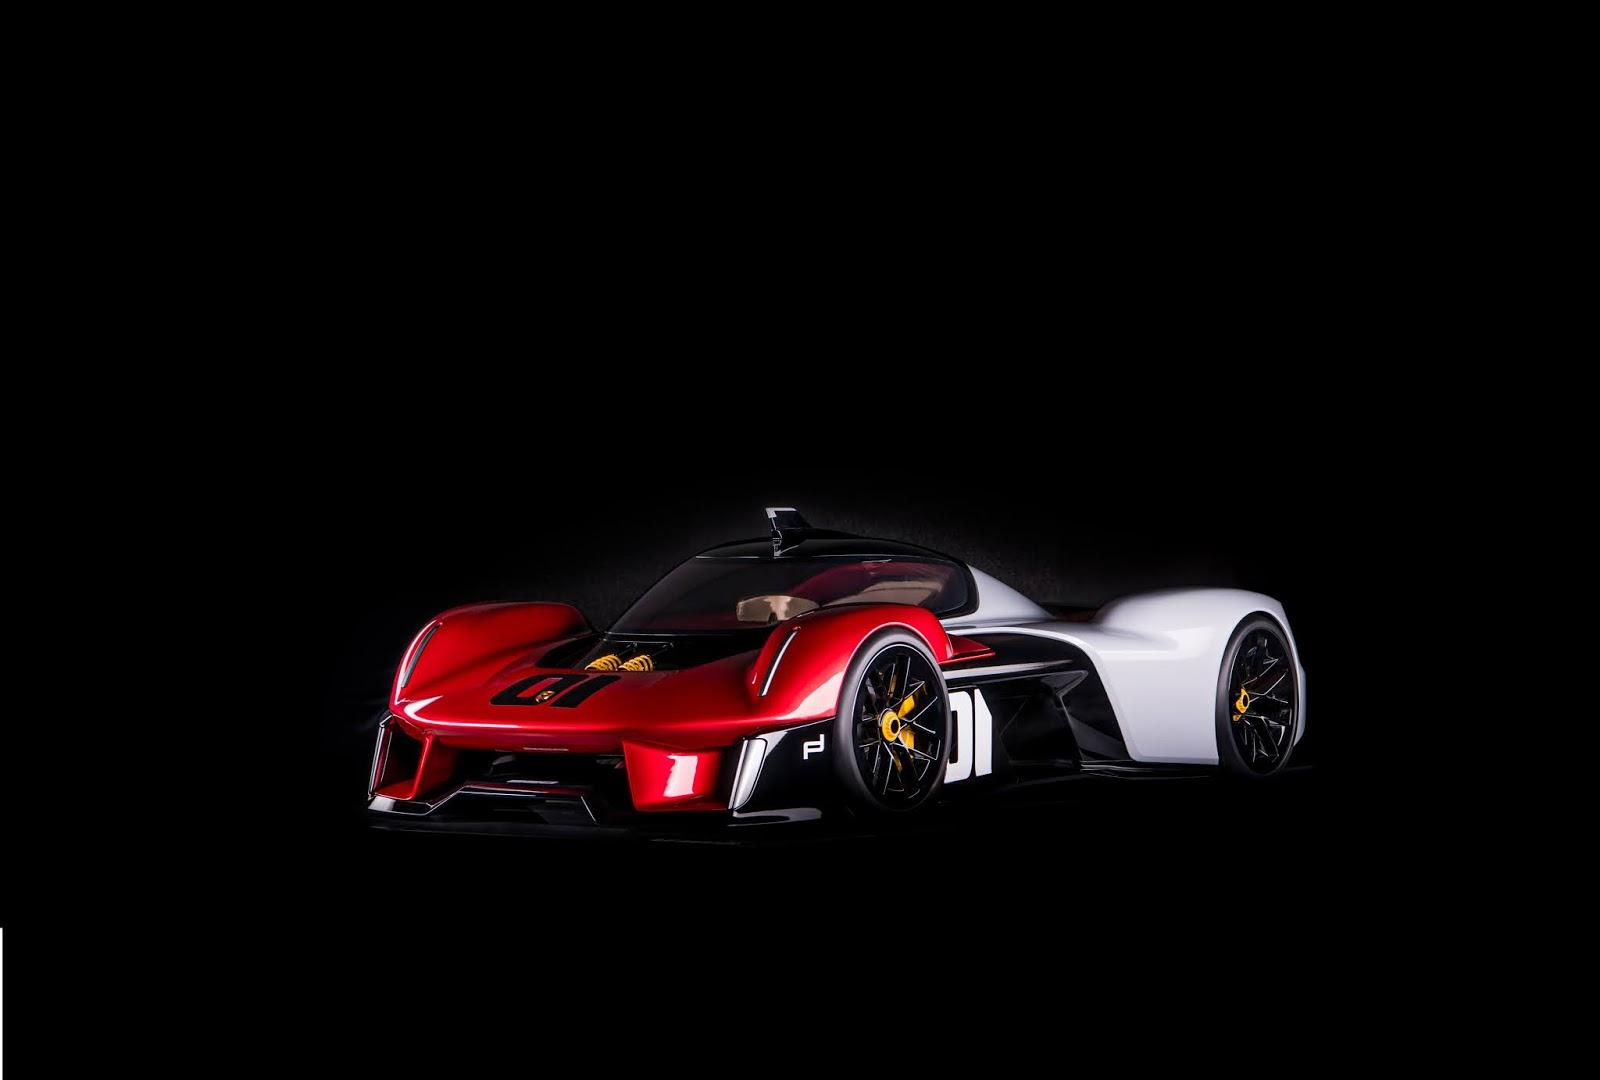 Capture0065 Τα άγνωστα Hypercars της Porsche hypercar, Porsche, Porsche Unseen, Sunday, supercar, supercars, zblog, ειδήσεις